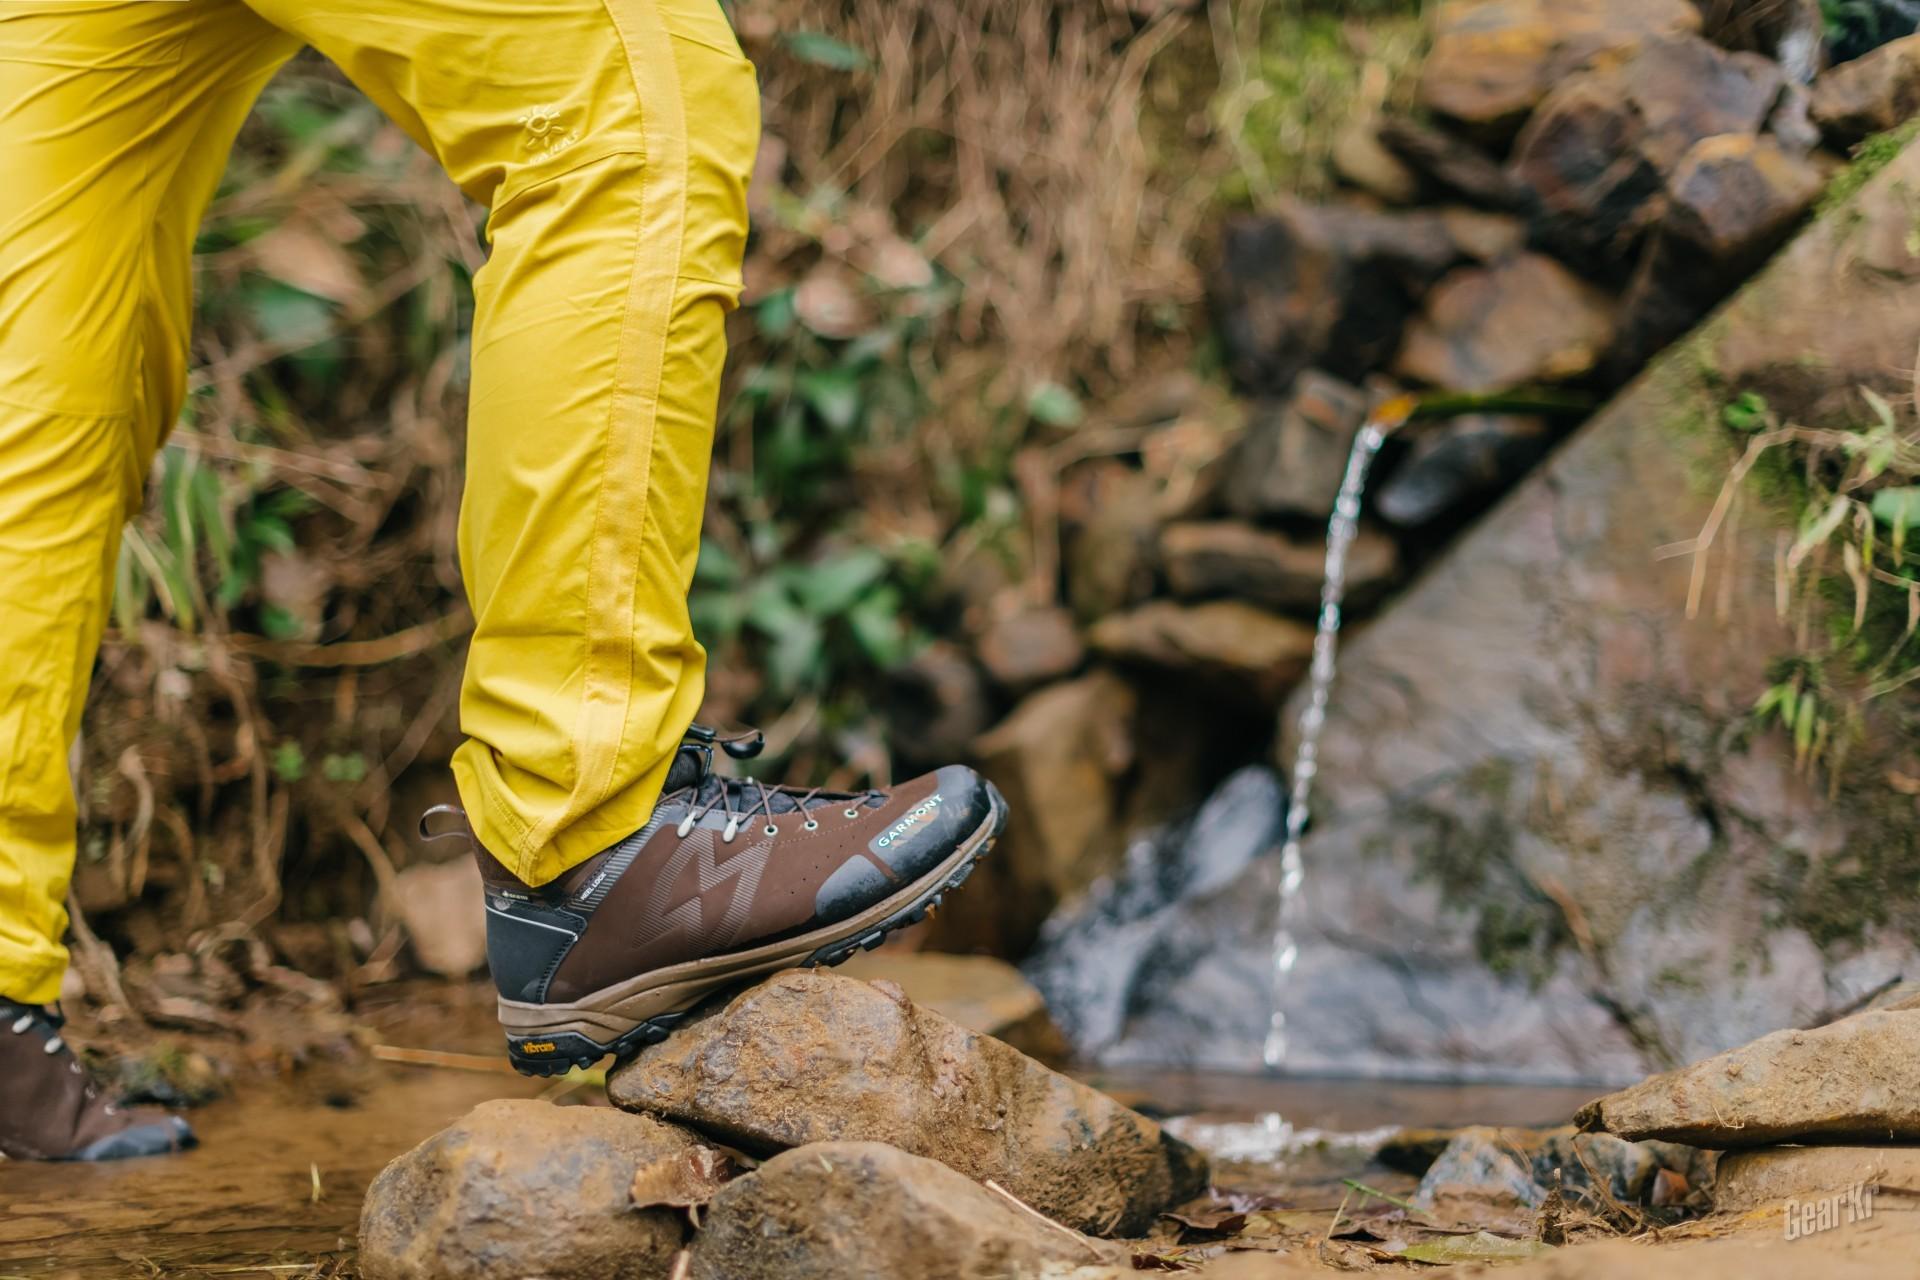 驰骋山野,如履平地——GARMONT G-TRAIL NUBUK GTX徒步登山鞋使用体验